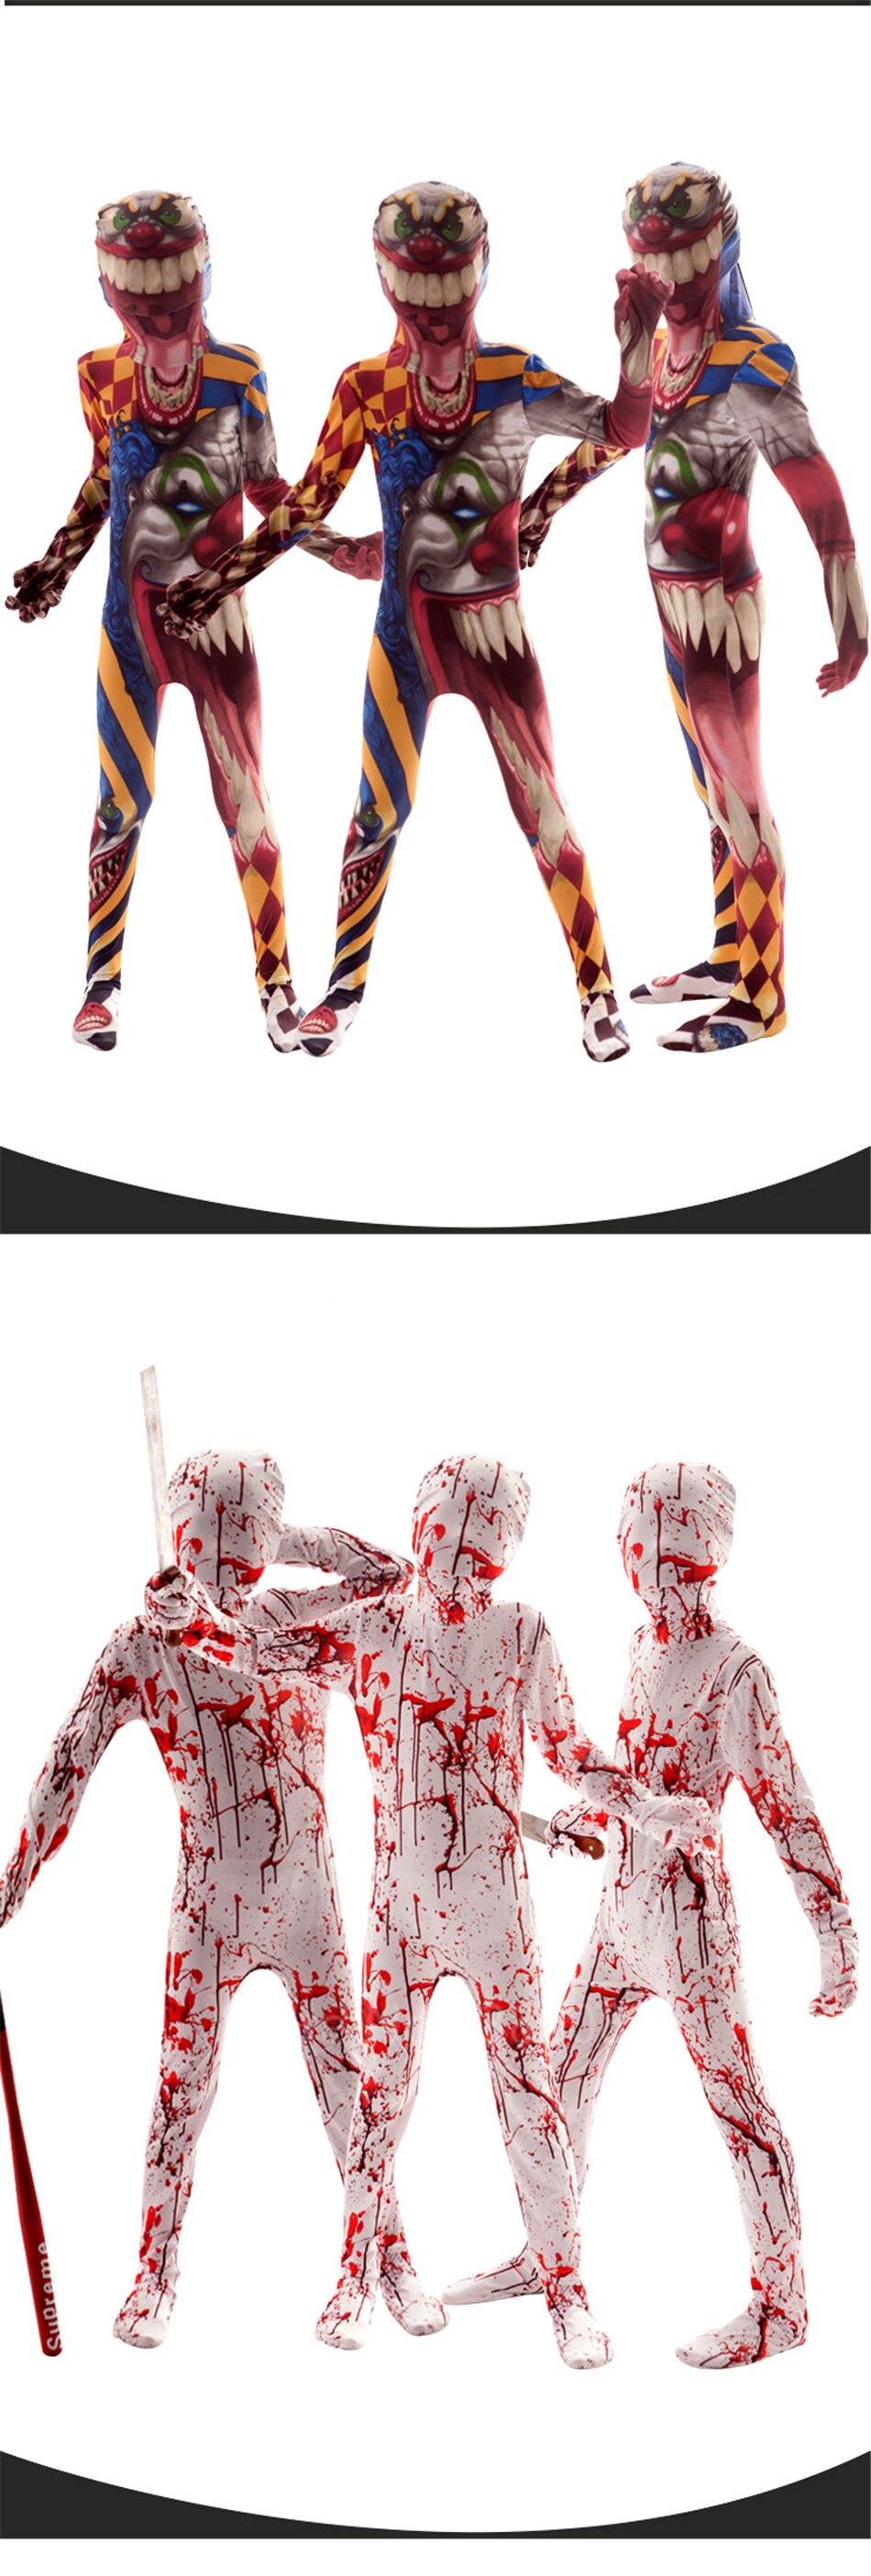 Хэллоуин страшные костюмы для детей демон, дьявол вариант клоун 3D принт Костюм Скелета в китайском стиле Карнавальная одежда для вечеринки